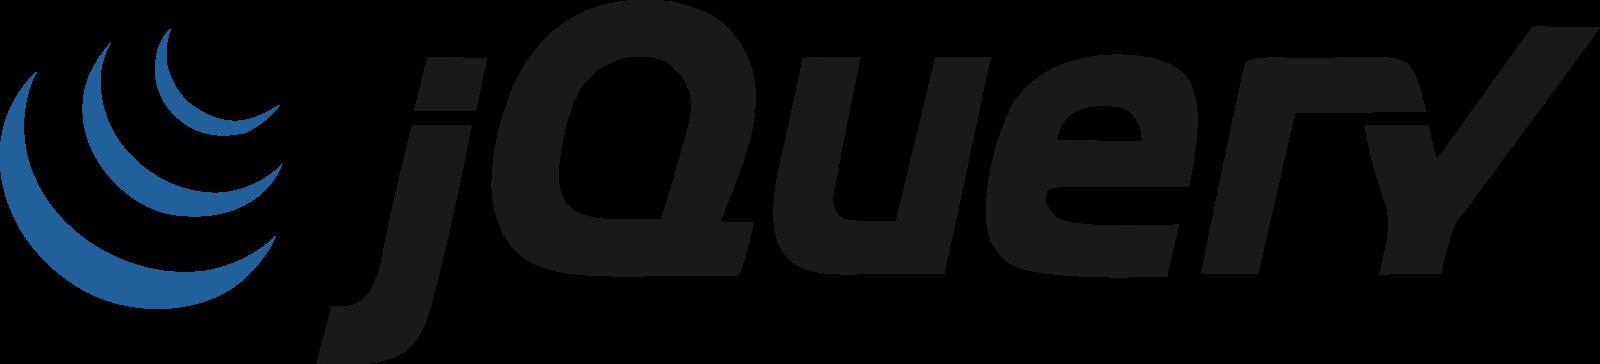 Jquery logo.